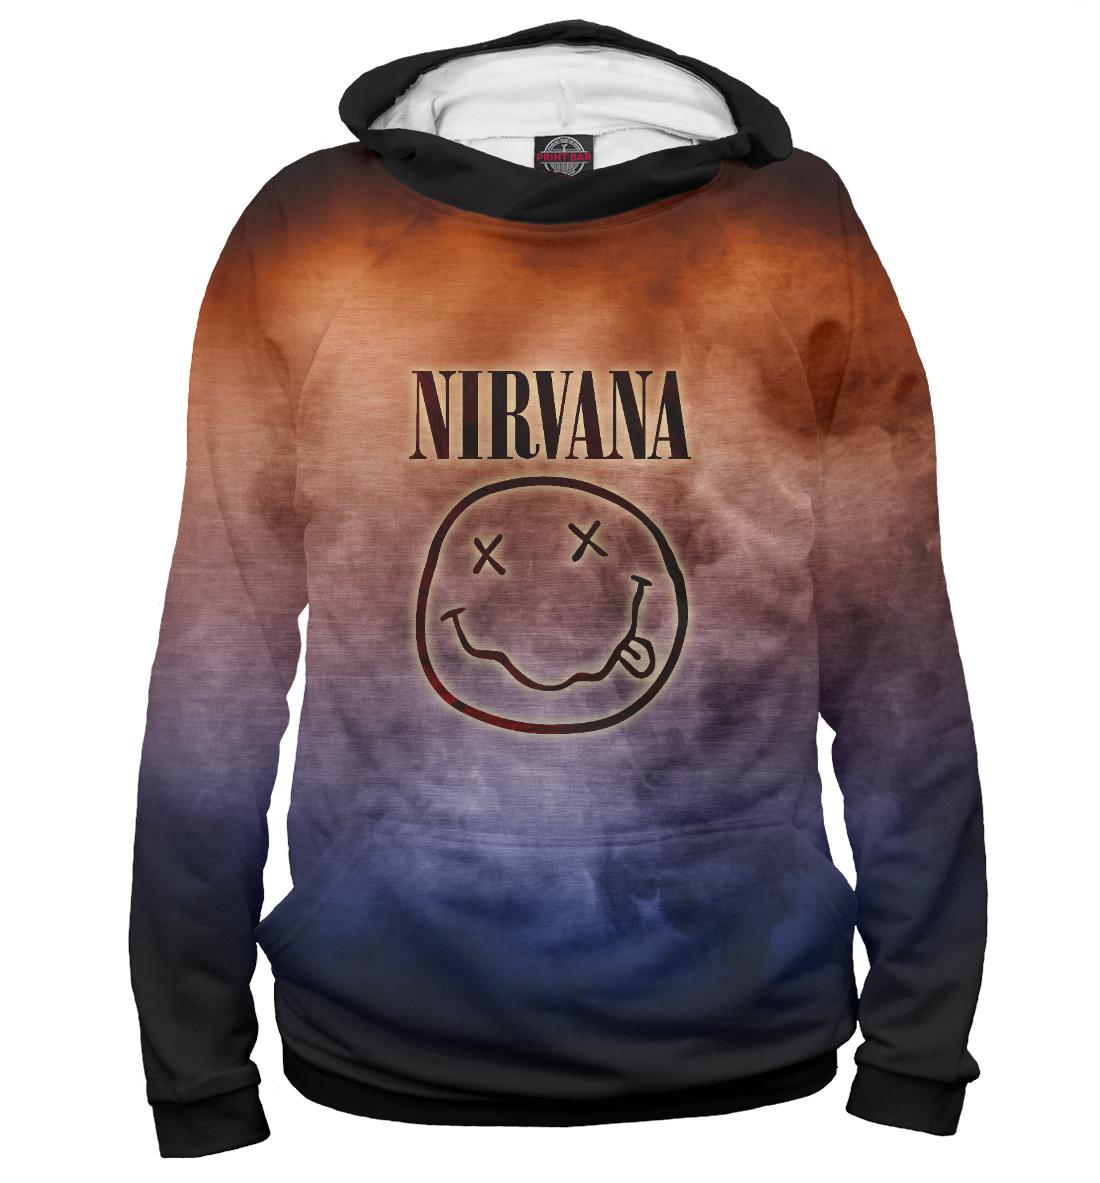 Купить Nirvana, Printbar, Худи, NIR-485465-hud-1